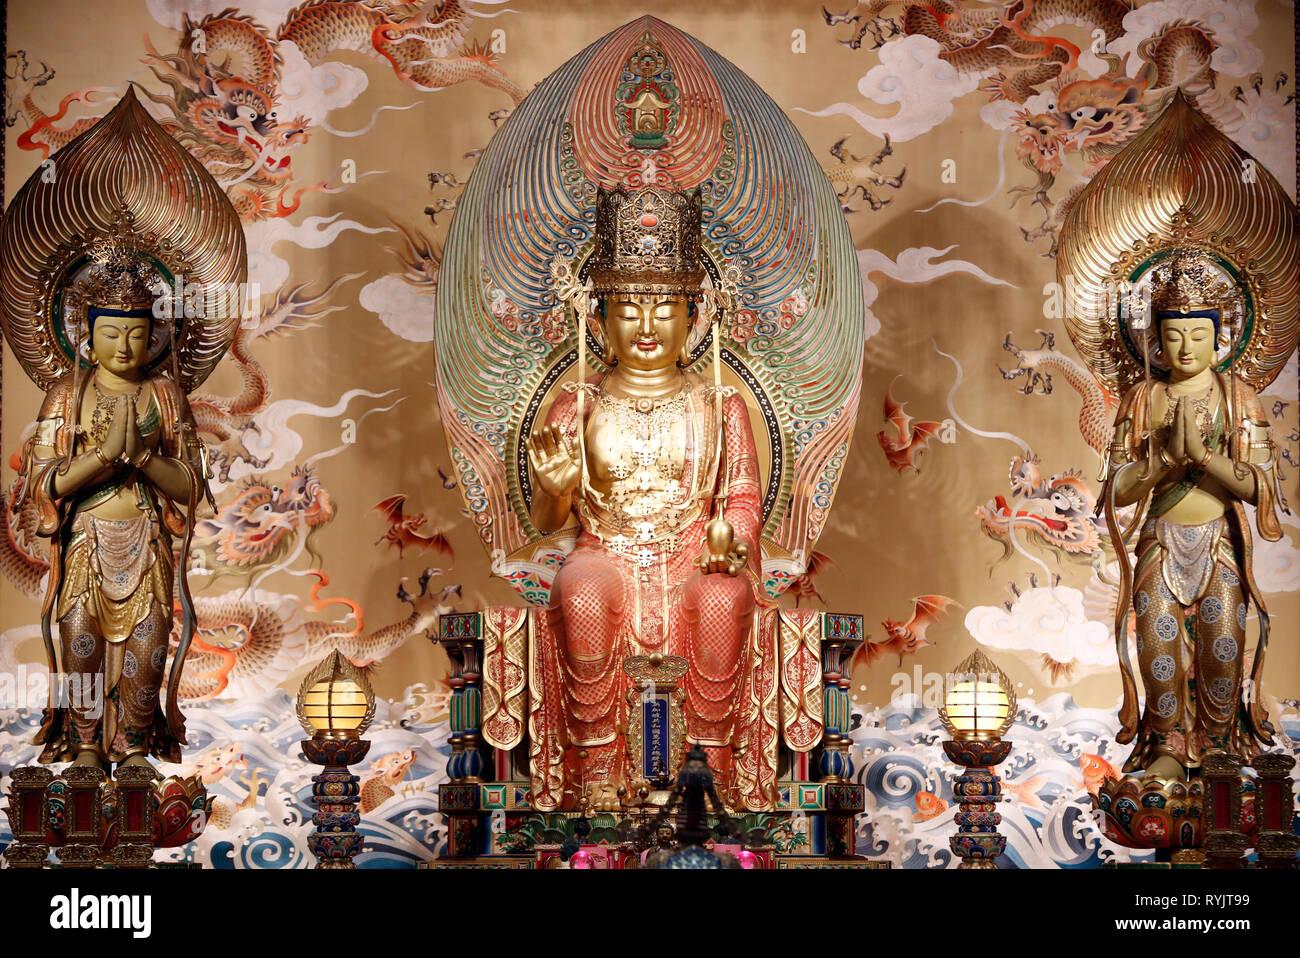 Buddha Zahns Tempel in Chinatown. Buddha Maitreya Statue - die Zukunft Bouddha. Singapur. Stockbild